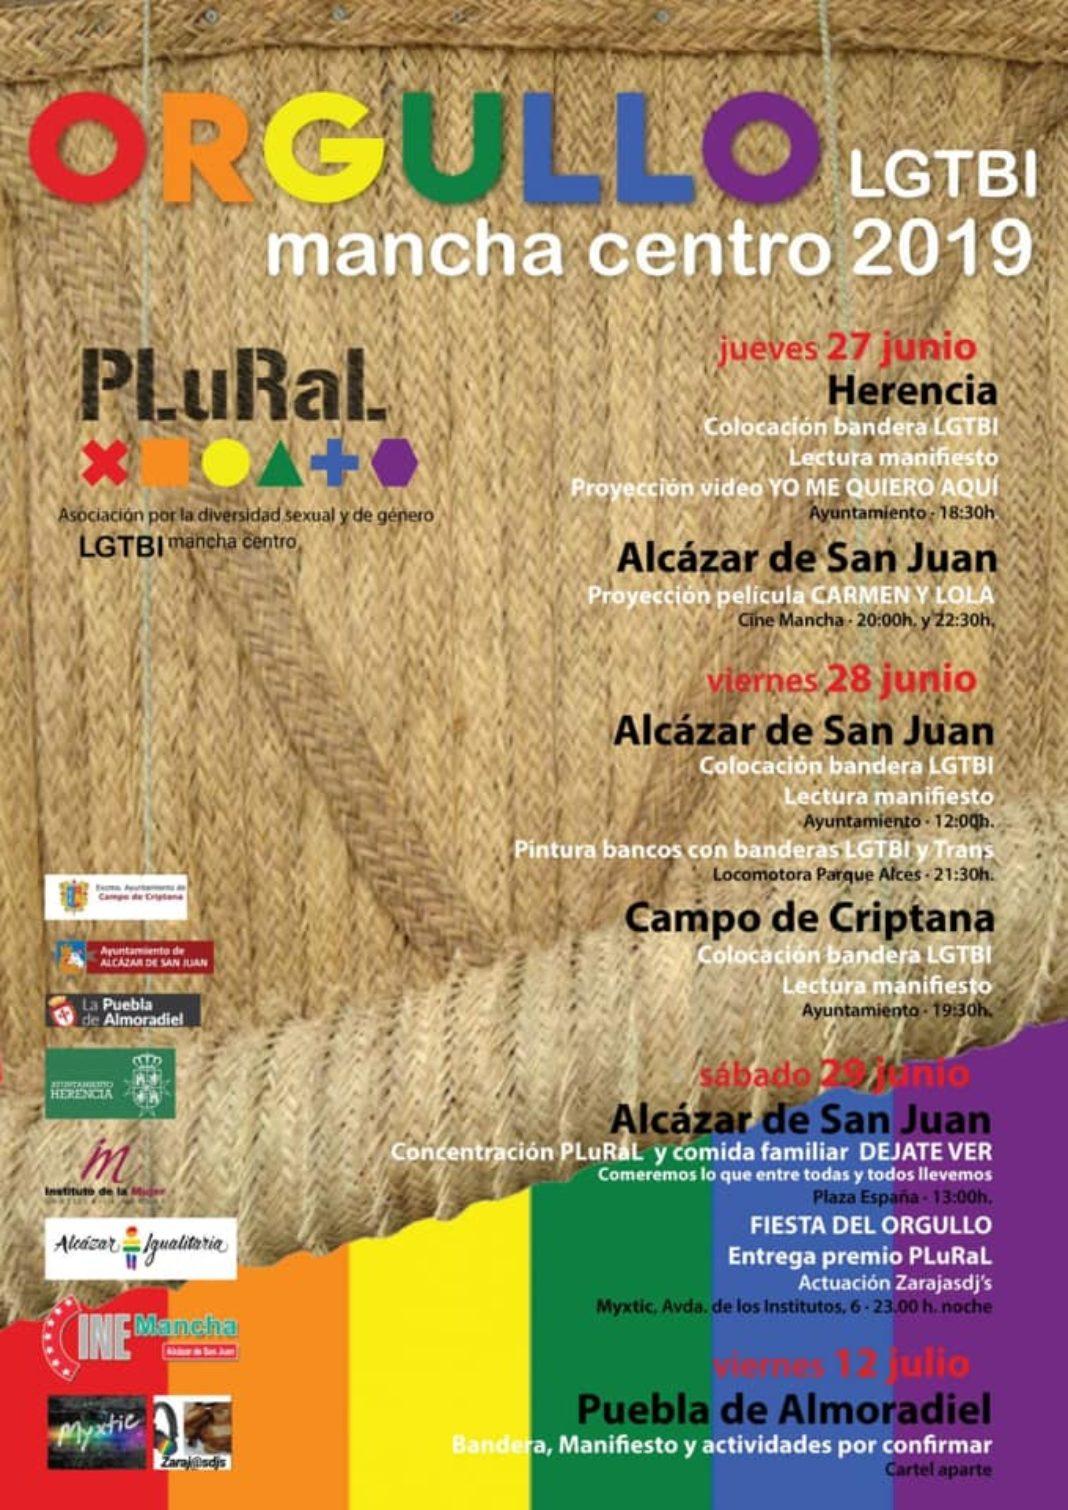 Actividades asociación PLuRaL Mancha Centro orgullo gay 1068x1510 - La bandera del Orgullo LGTBI ondeará en el ayuntamiento de Herencia